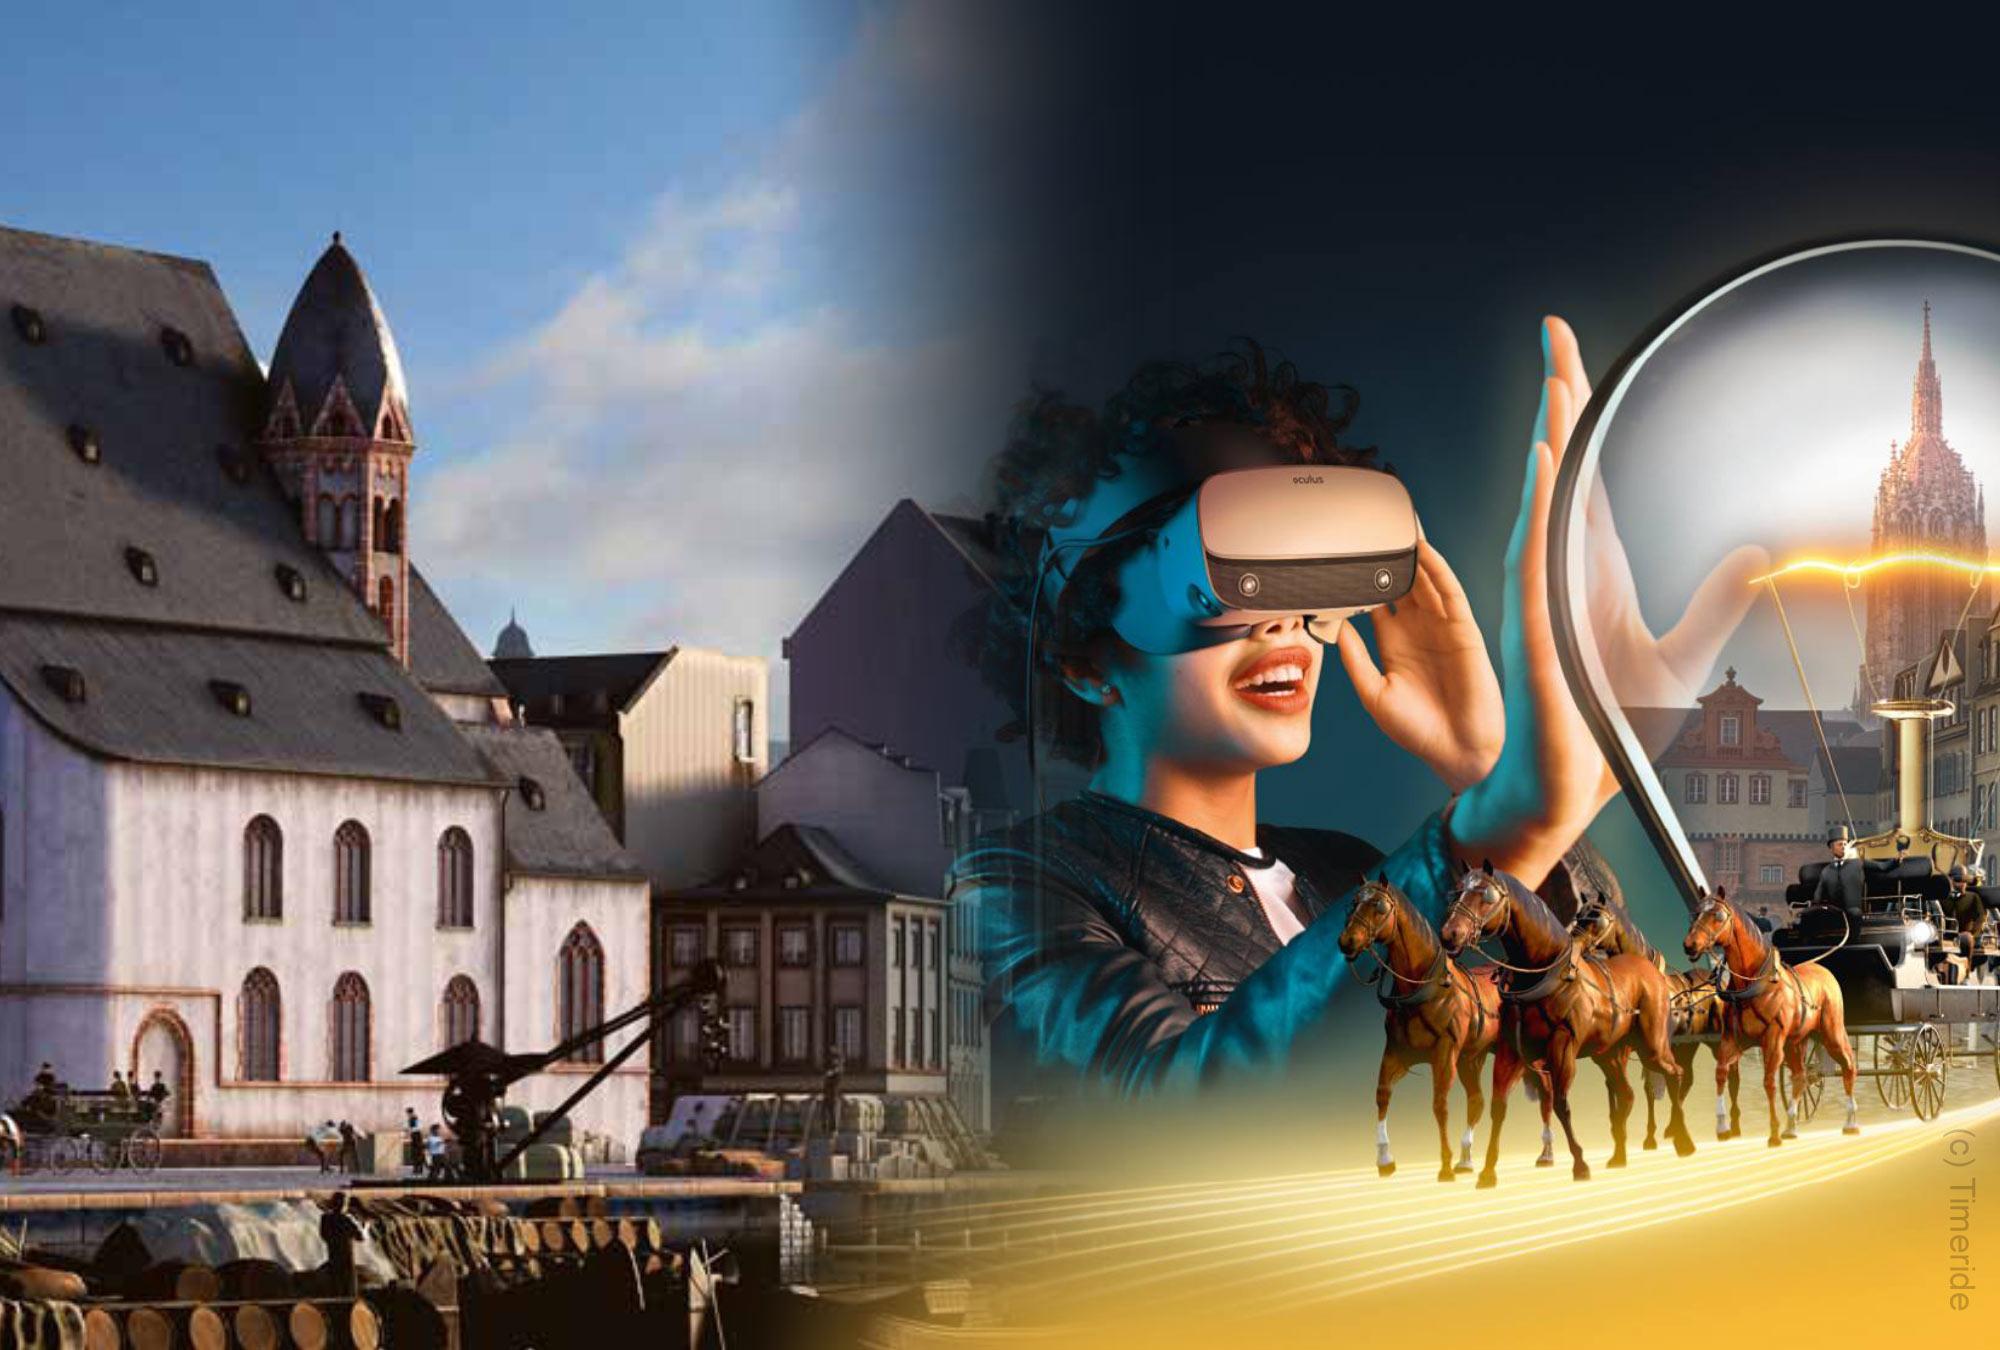 Timeride Frankfurt – Das alte Frankfurt in 360 Grad erleben